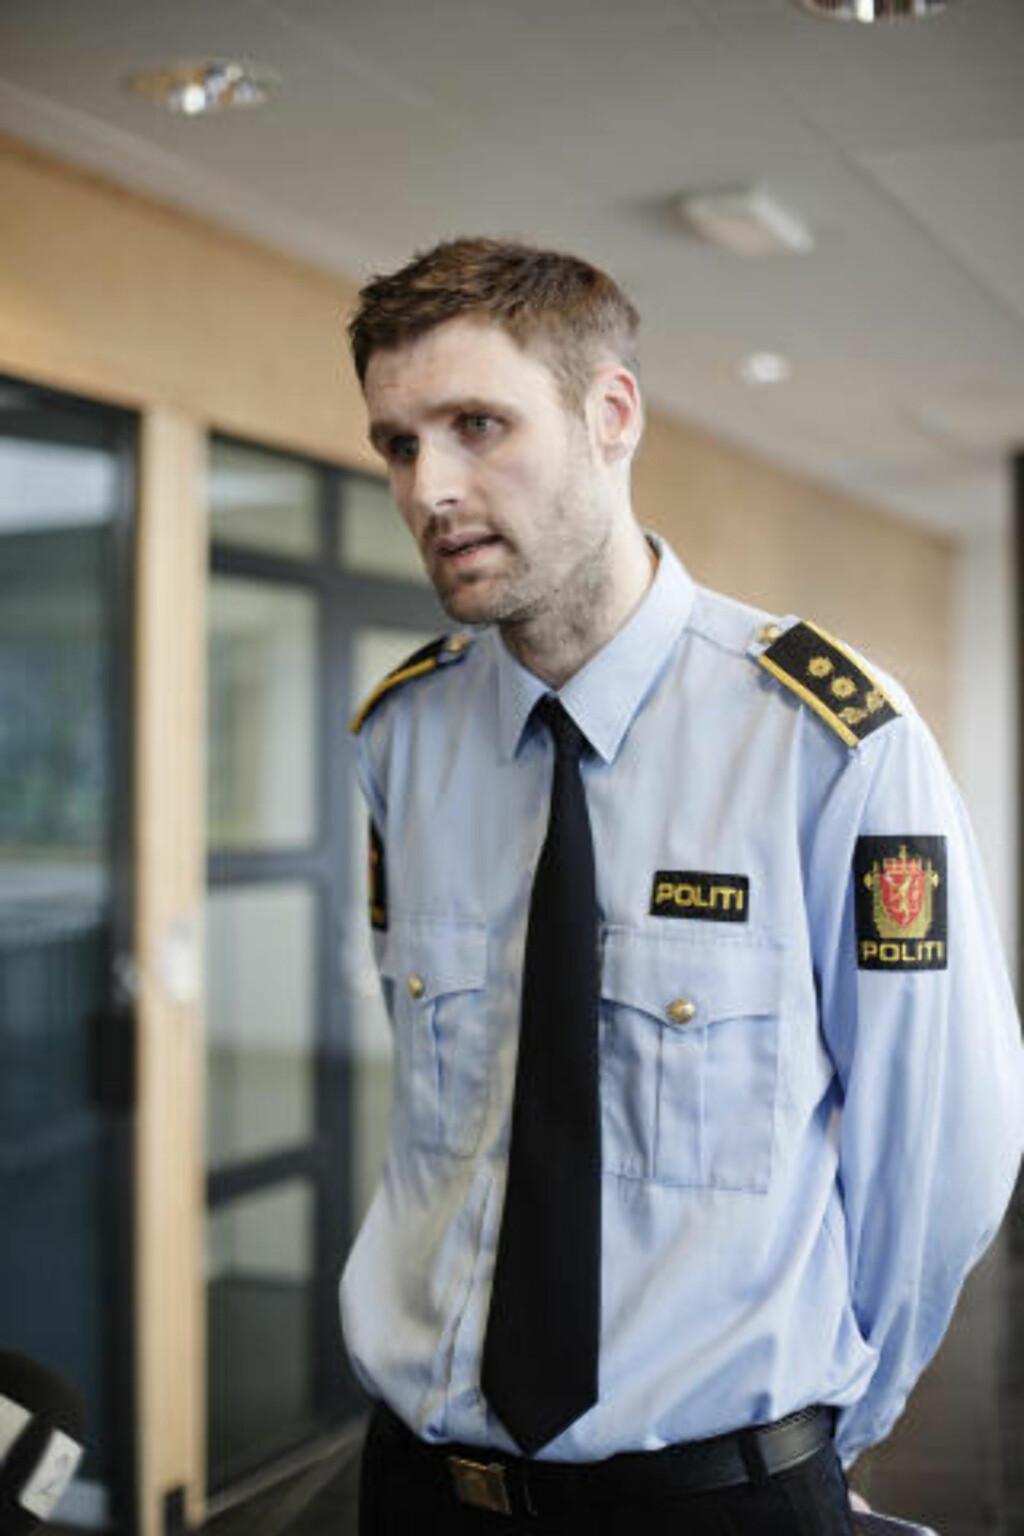 FORETOK RAZZIA: Stavanger-politiet, her ved politiadvokat Fredrik Soma, gjennomførte søndag en razzia i Birkedals bolig. Foto: Trond Sørås/Dagbladet